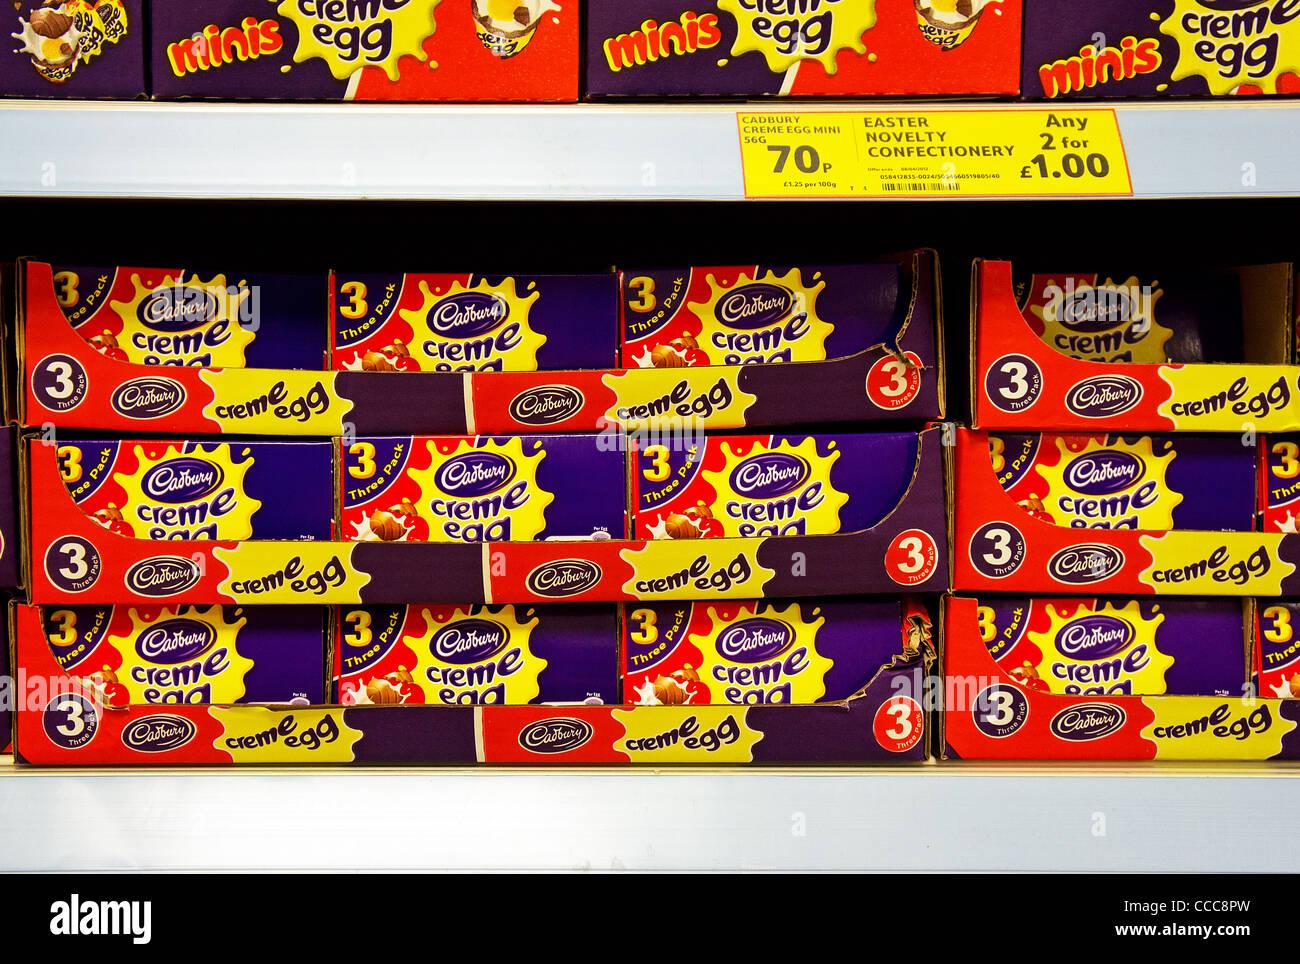 Cadbury creme eggs on a supermarket shelf, UK - Stock Image